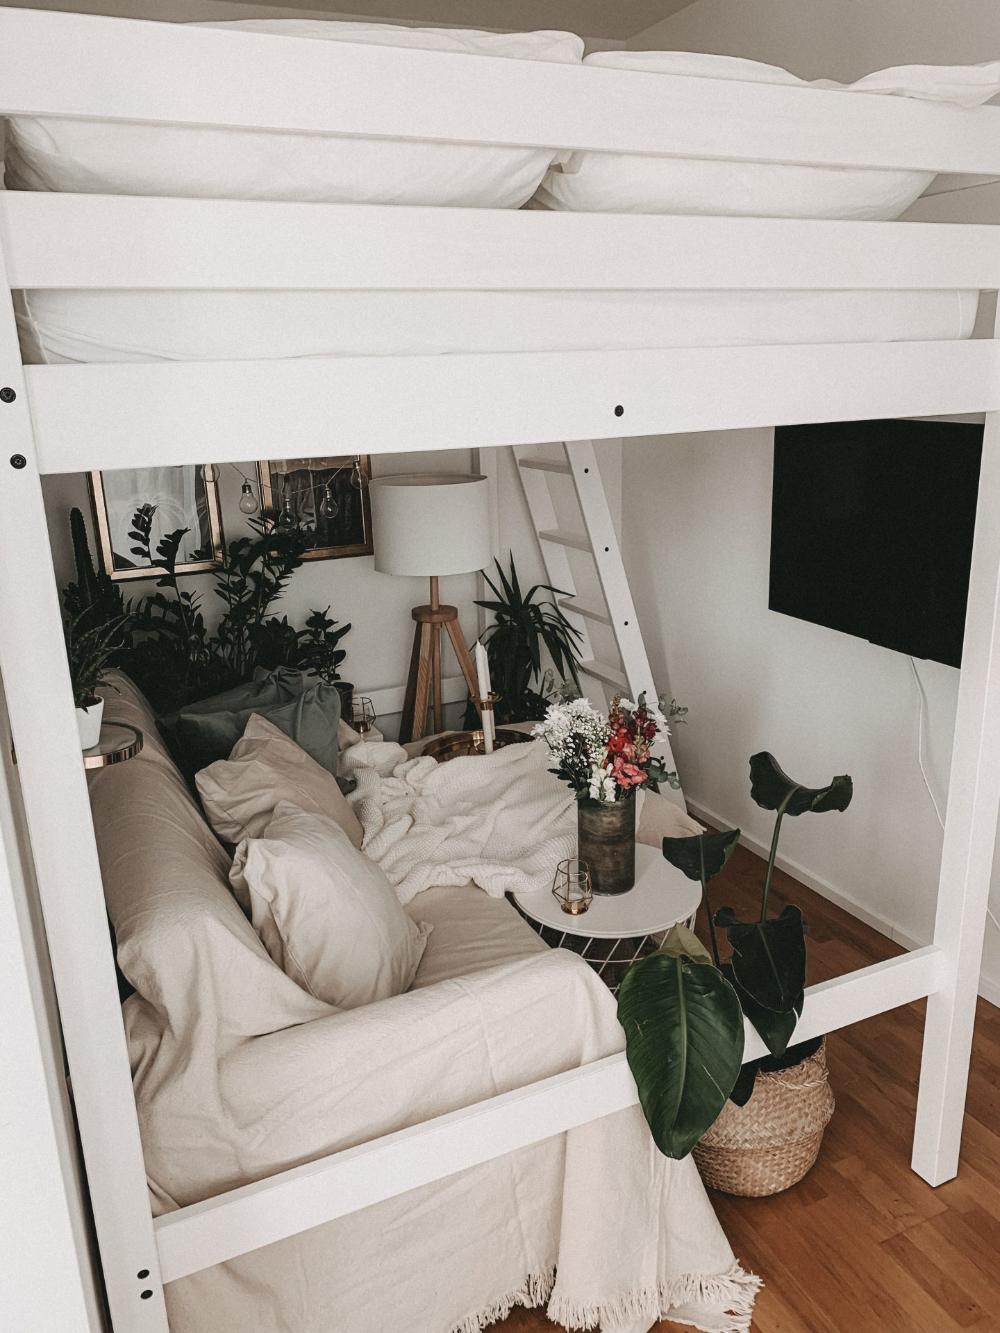 IKEA Deko-Challenge - Kleine Wohnung mit Hochbett ...